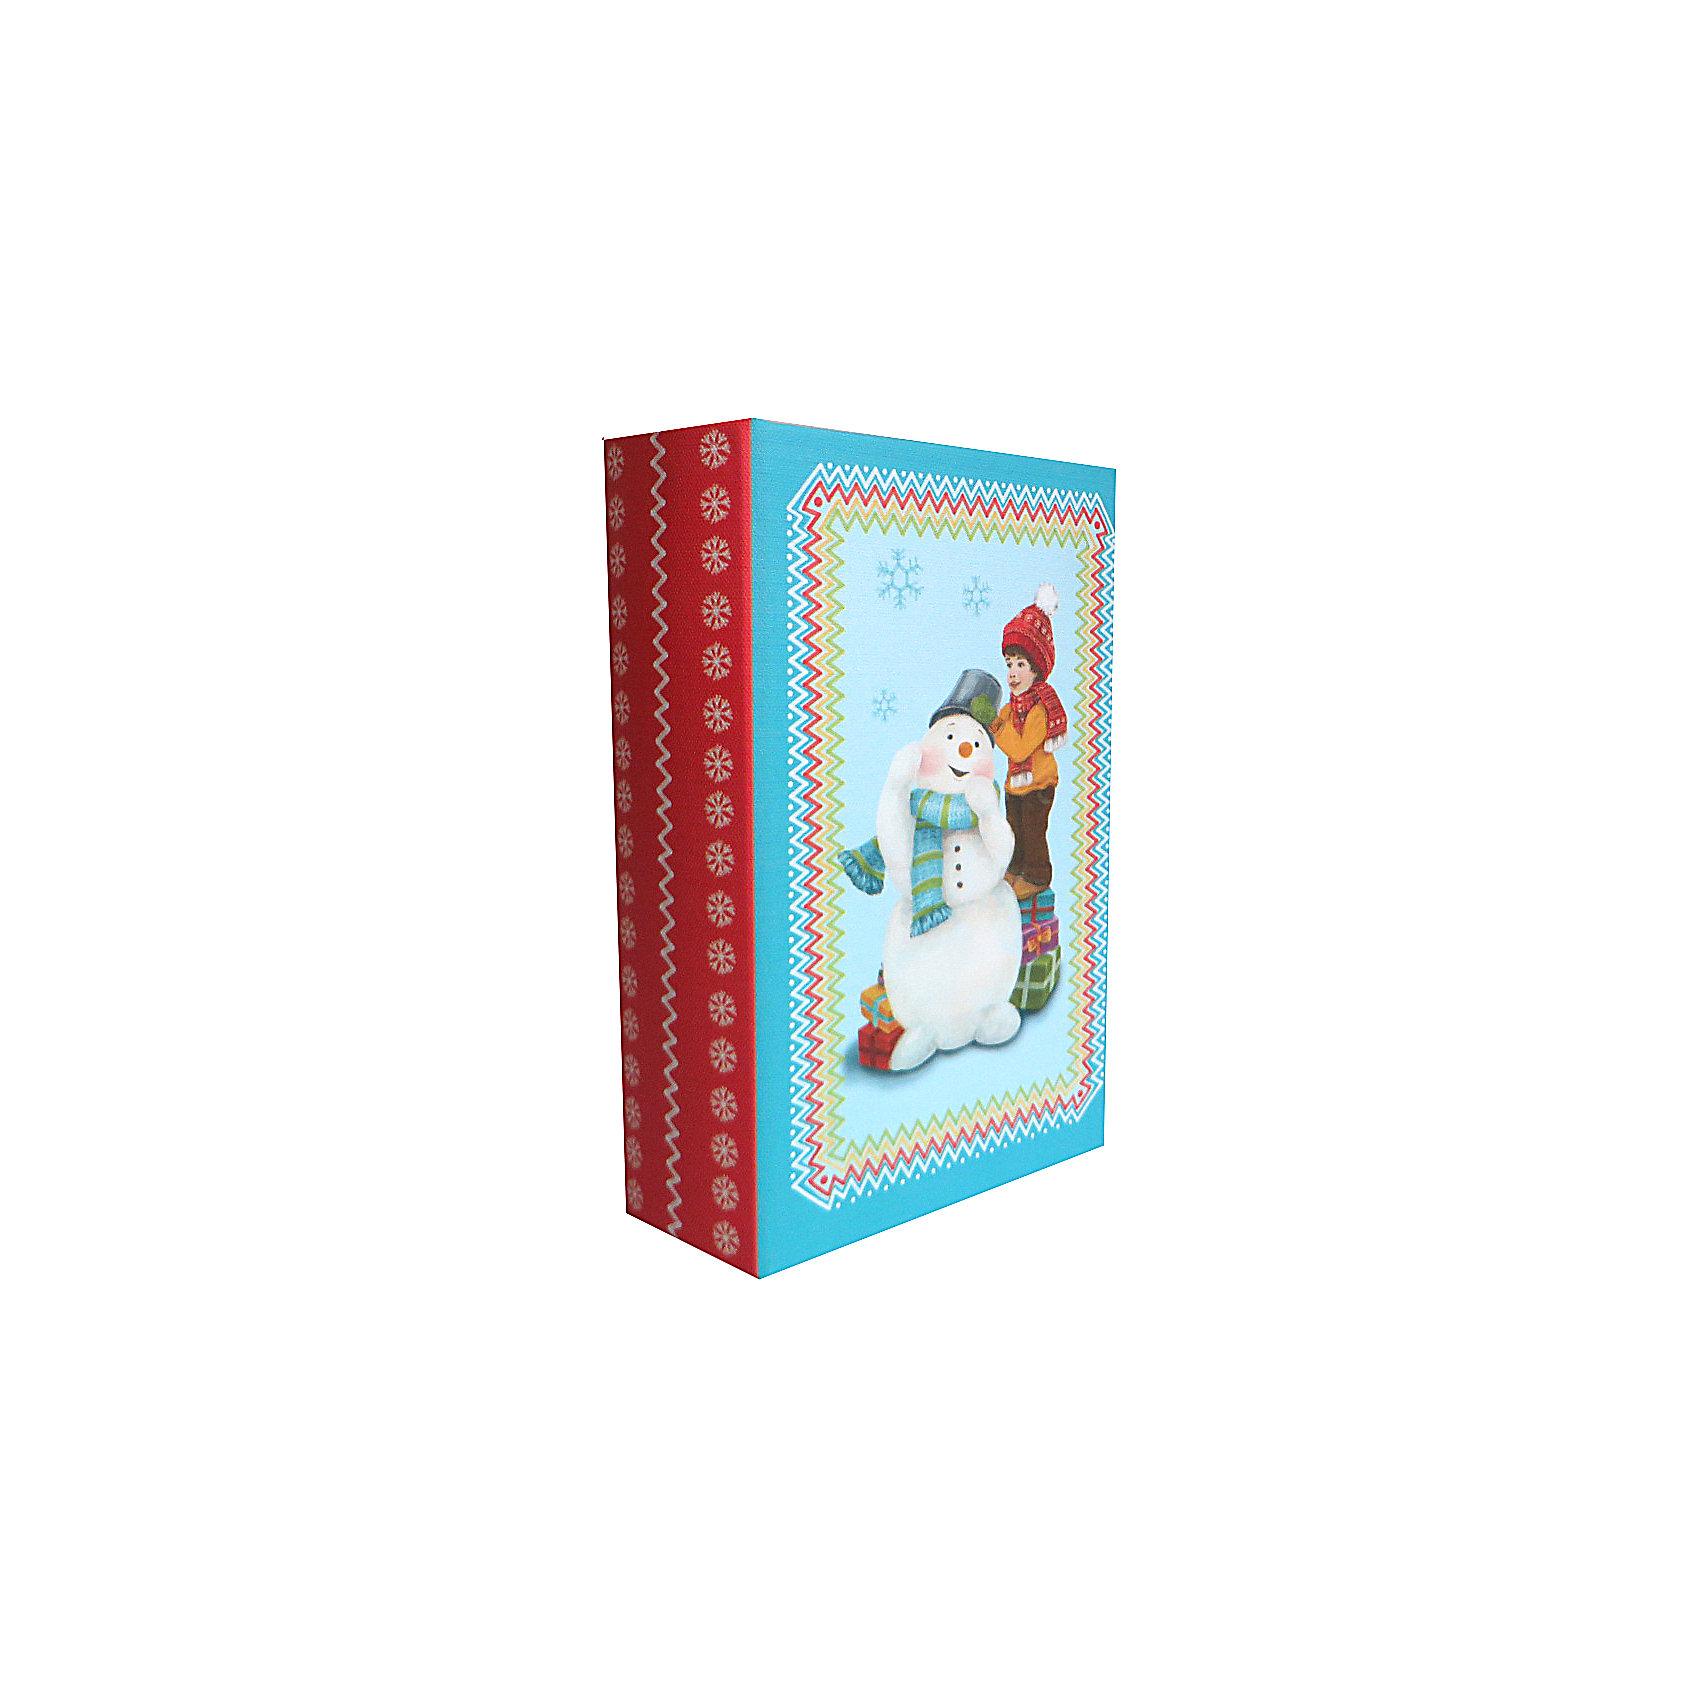 Шкатулка Снеговик и мальчикШкатулка Снеговик и мальчик, Феникс-Презент, замечательно украсит Ваш новогодний интерьер и станет приятным сувениром для родных и друзей. Оригинальная шкатулка выполнена в форме книги и украшена красочным изображением очаровательного мальчика с забавным снеговиком, закрывается на магнит. Симпатичный сувенир порадует и взрослых и детей и прекрасно подойдет для хранения мелочей и украшений.<br><br>Дополнительная информация:<br><br>- Материал: дерево (МДФ). <br>- Размер шкатулки: 17 х 11 х 5 см.<br>- Размер упаковки: 18 x 12 x 6 см.<br>- Вес: 0,307 кг. <br><br>Шкатулку Снеговик и мальчик, Феникс-Презент, можно купить в нашем интернет-магазине.<br><br>Ширина мм: 60<br>Глубина мм: 120<br>Высота мм: 180<br>Вес г: 307<br>Возраст от месяцев: 36<br>Возраст до месяцев: 2147483647<br>Пол: Унисекс<br>Возраст: Детский<br>SKU: 4276553